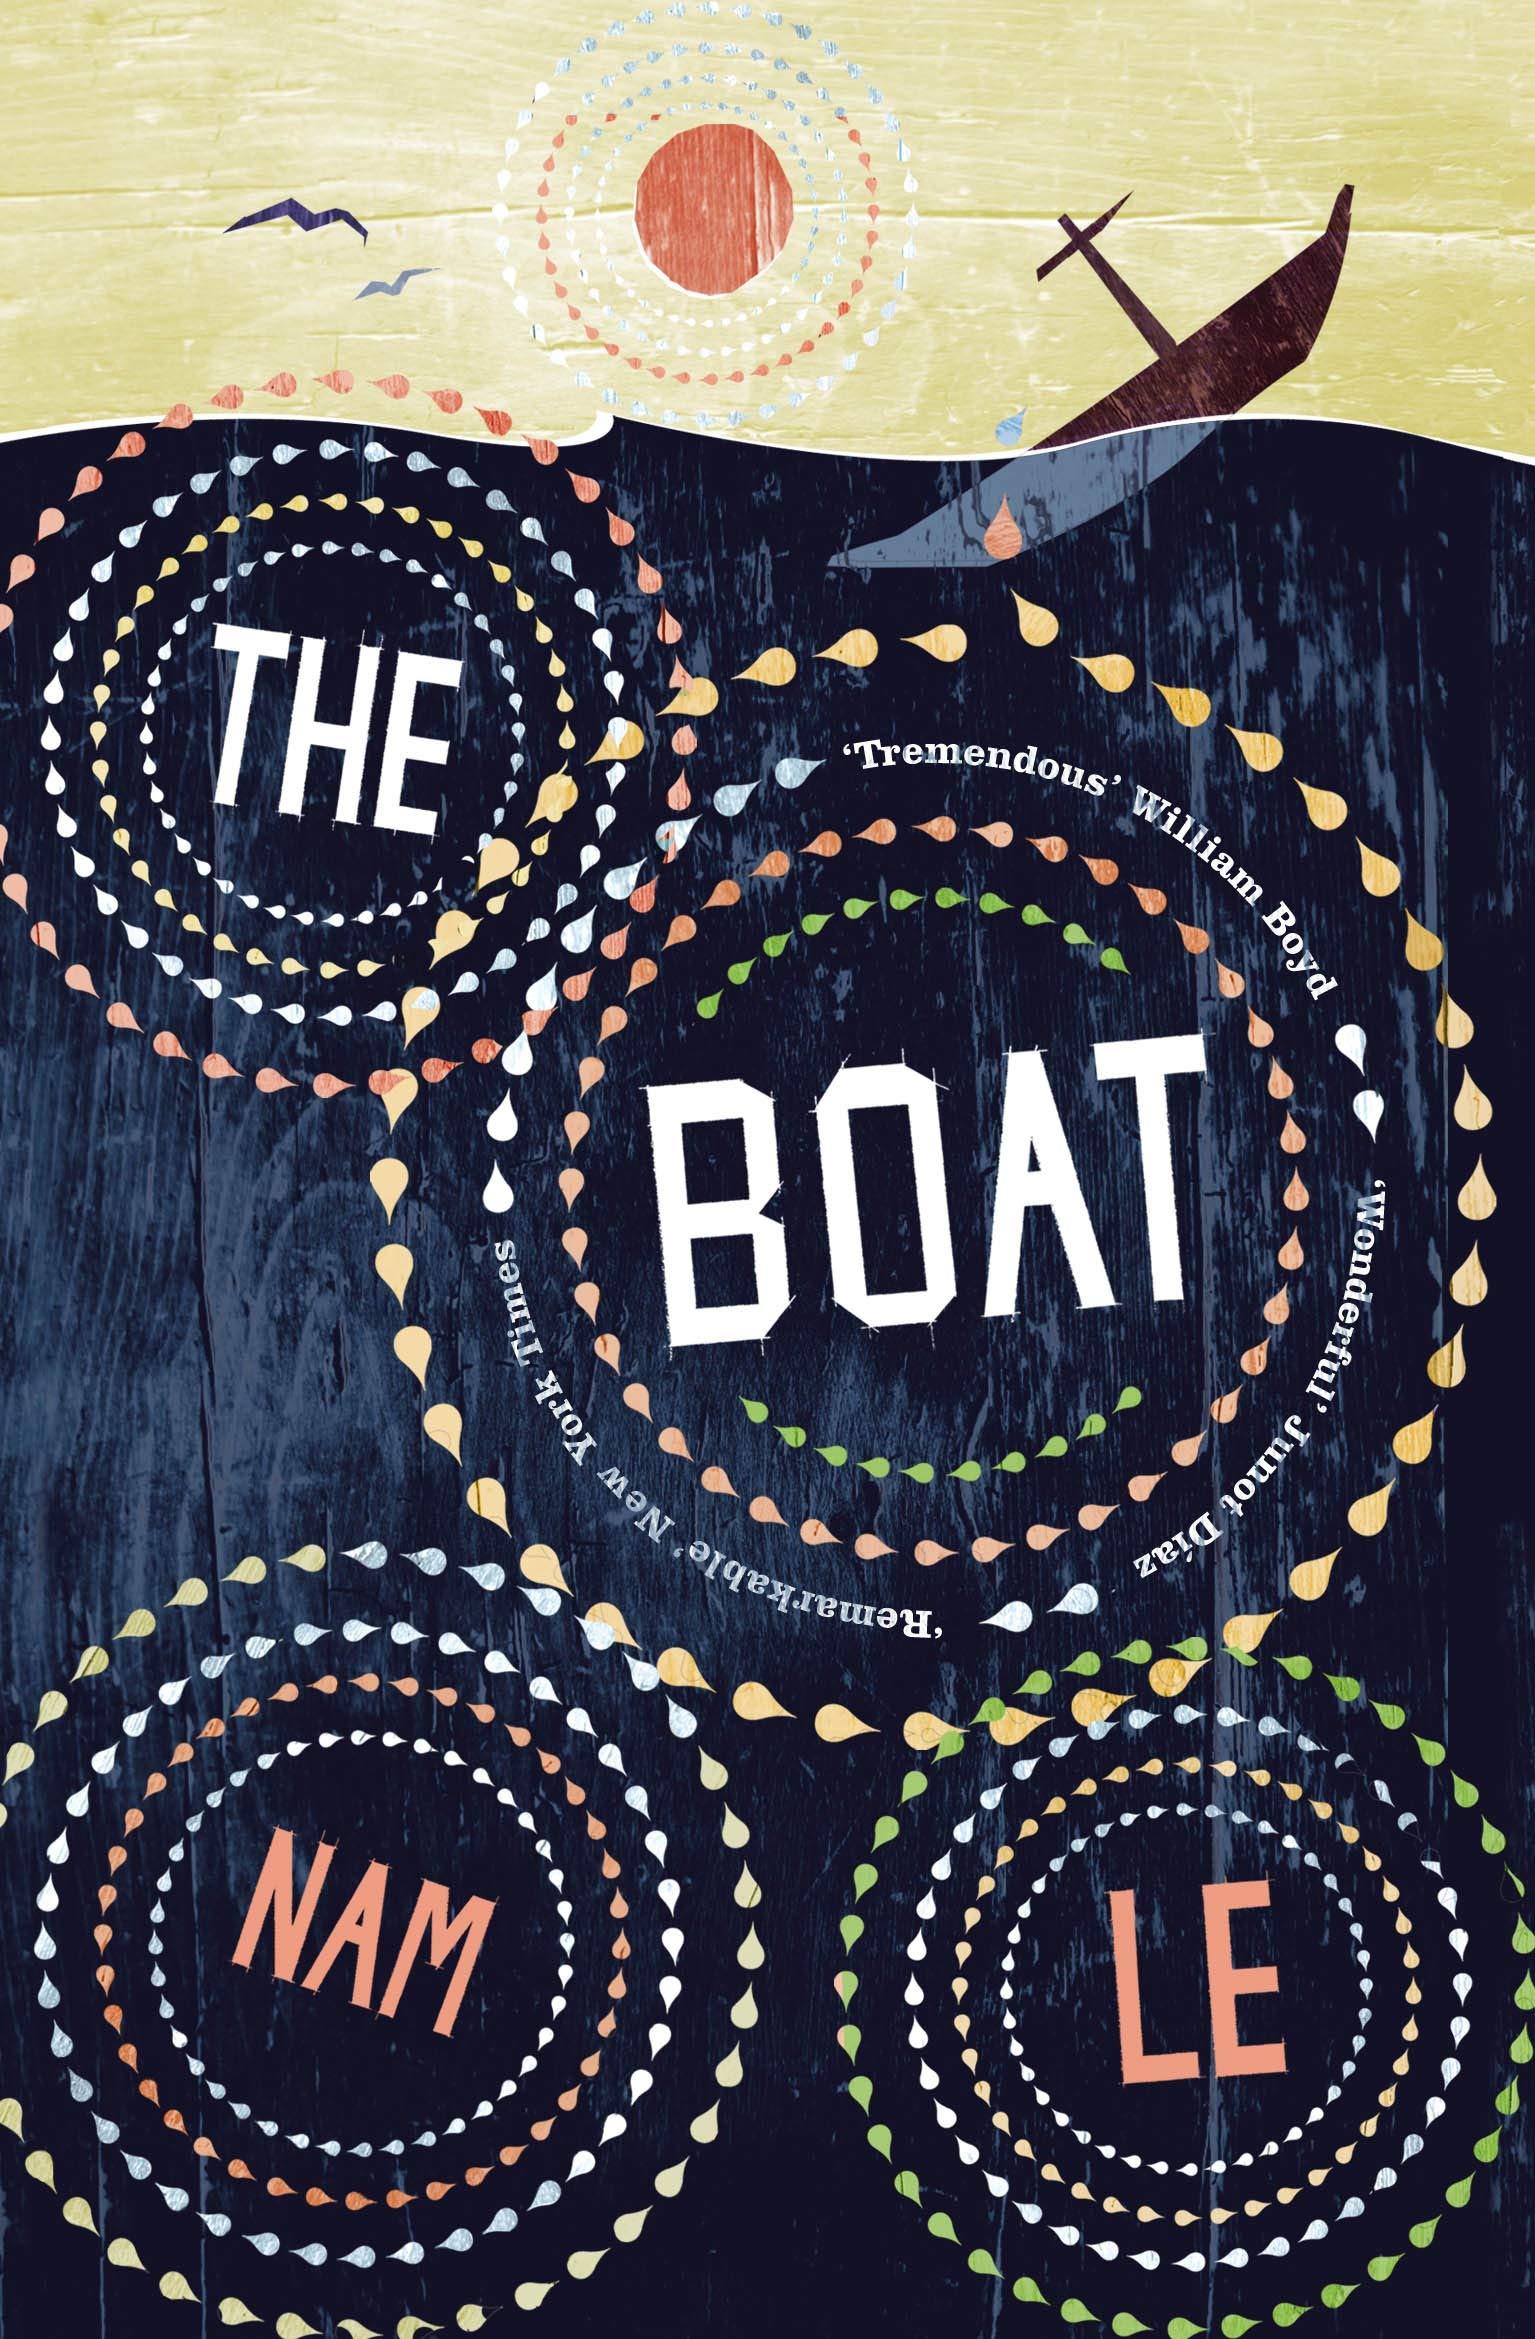 The Boat: Amazon.es: Le, Nam: Libros en idiomas extranjeros